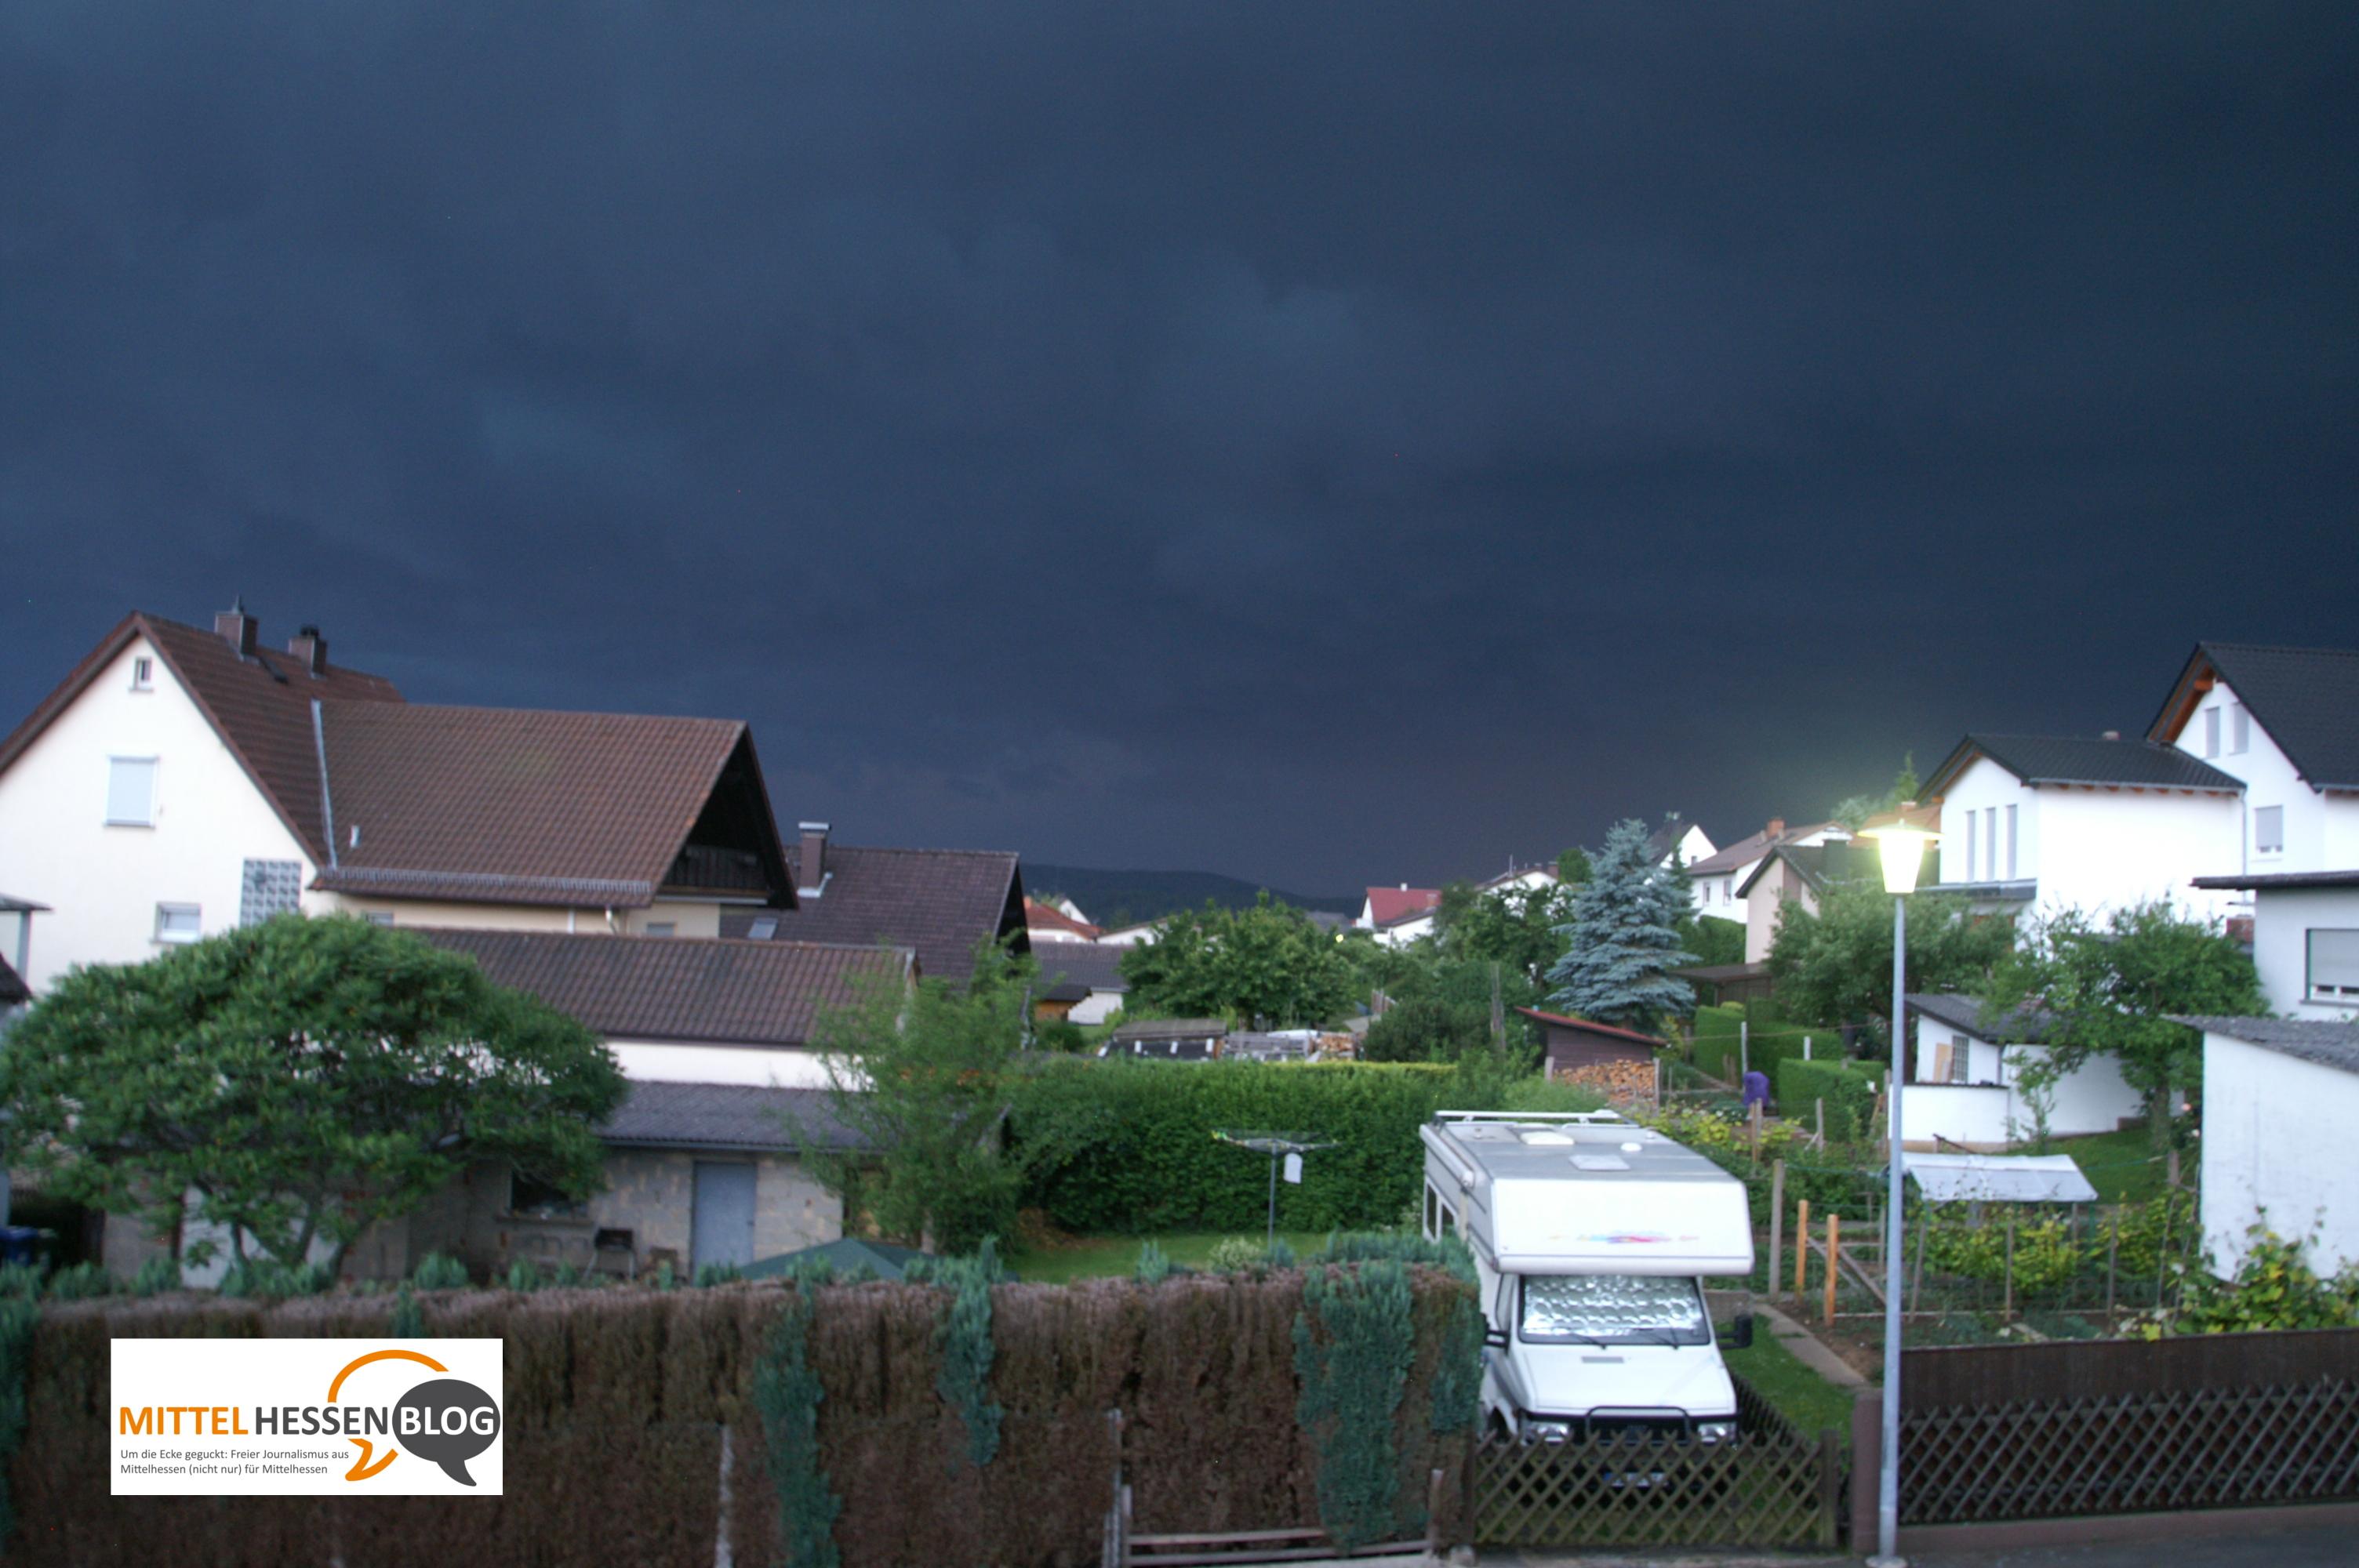 Wetterphänomene wie diese Sturmfront im Mai 2007 über Mittelhessen sprechen für die Mahnungen des Club of Rome.